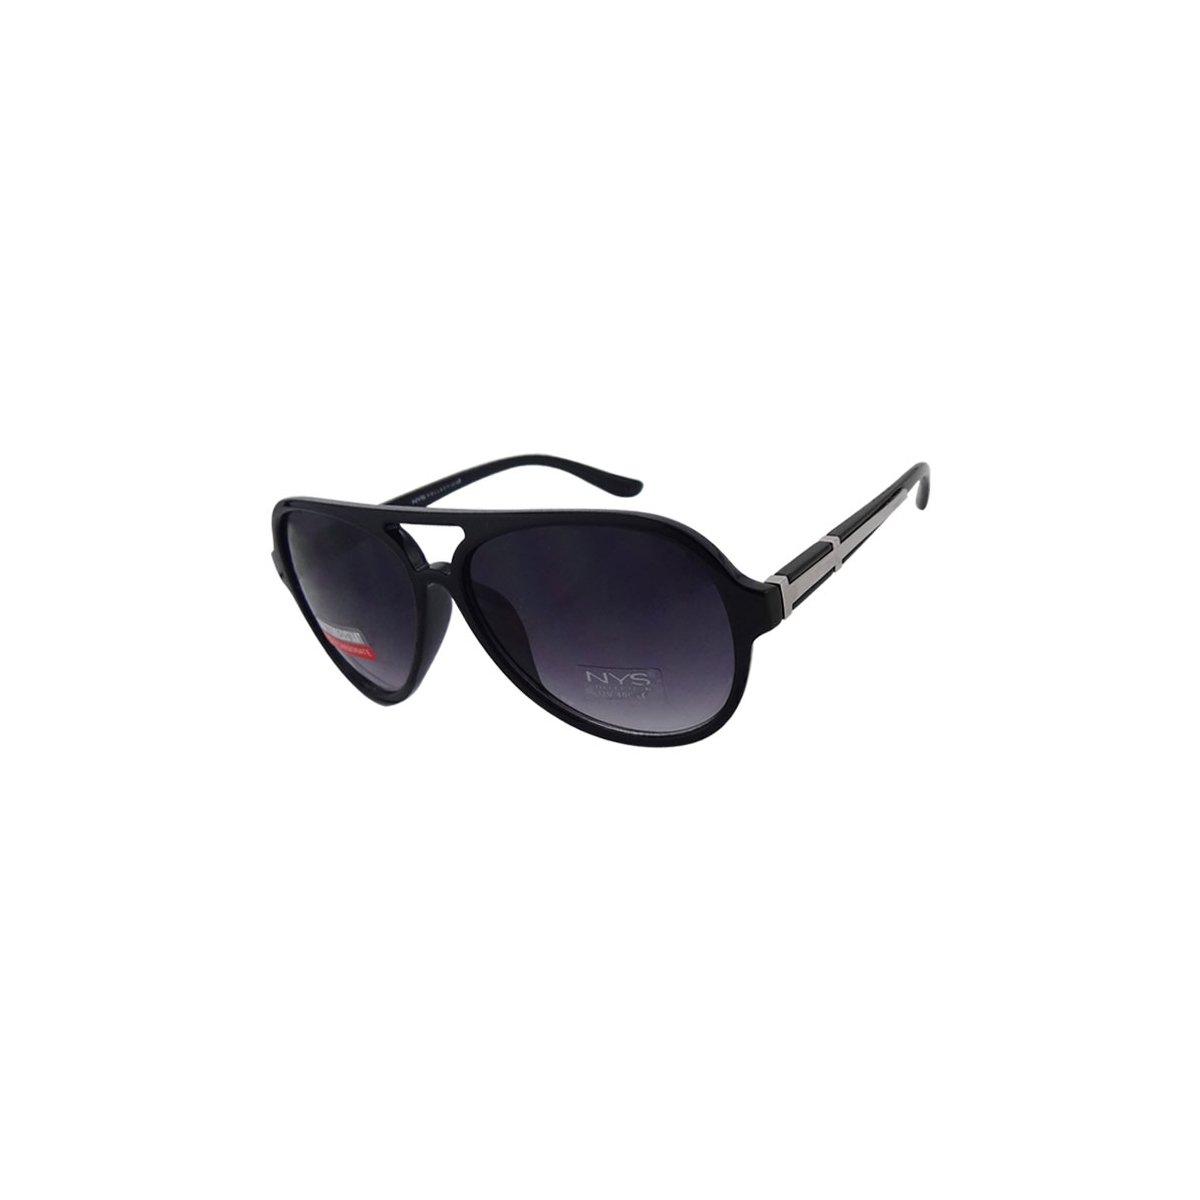 Óculos de Sol NYS Collection 81-1903 - Compre Agora   Netshoes 29952964da